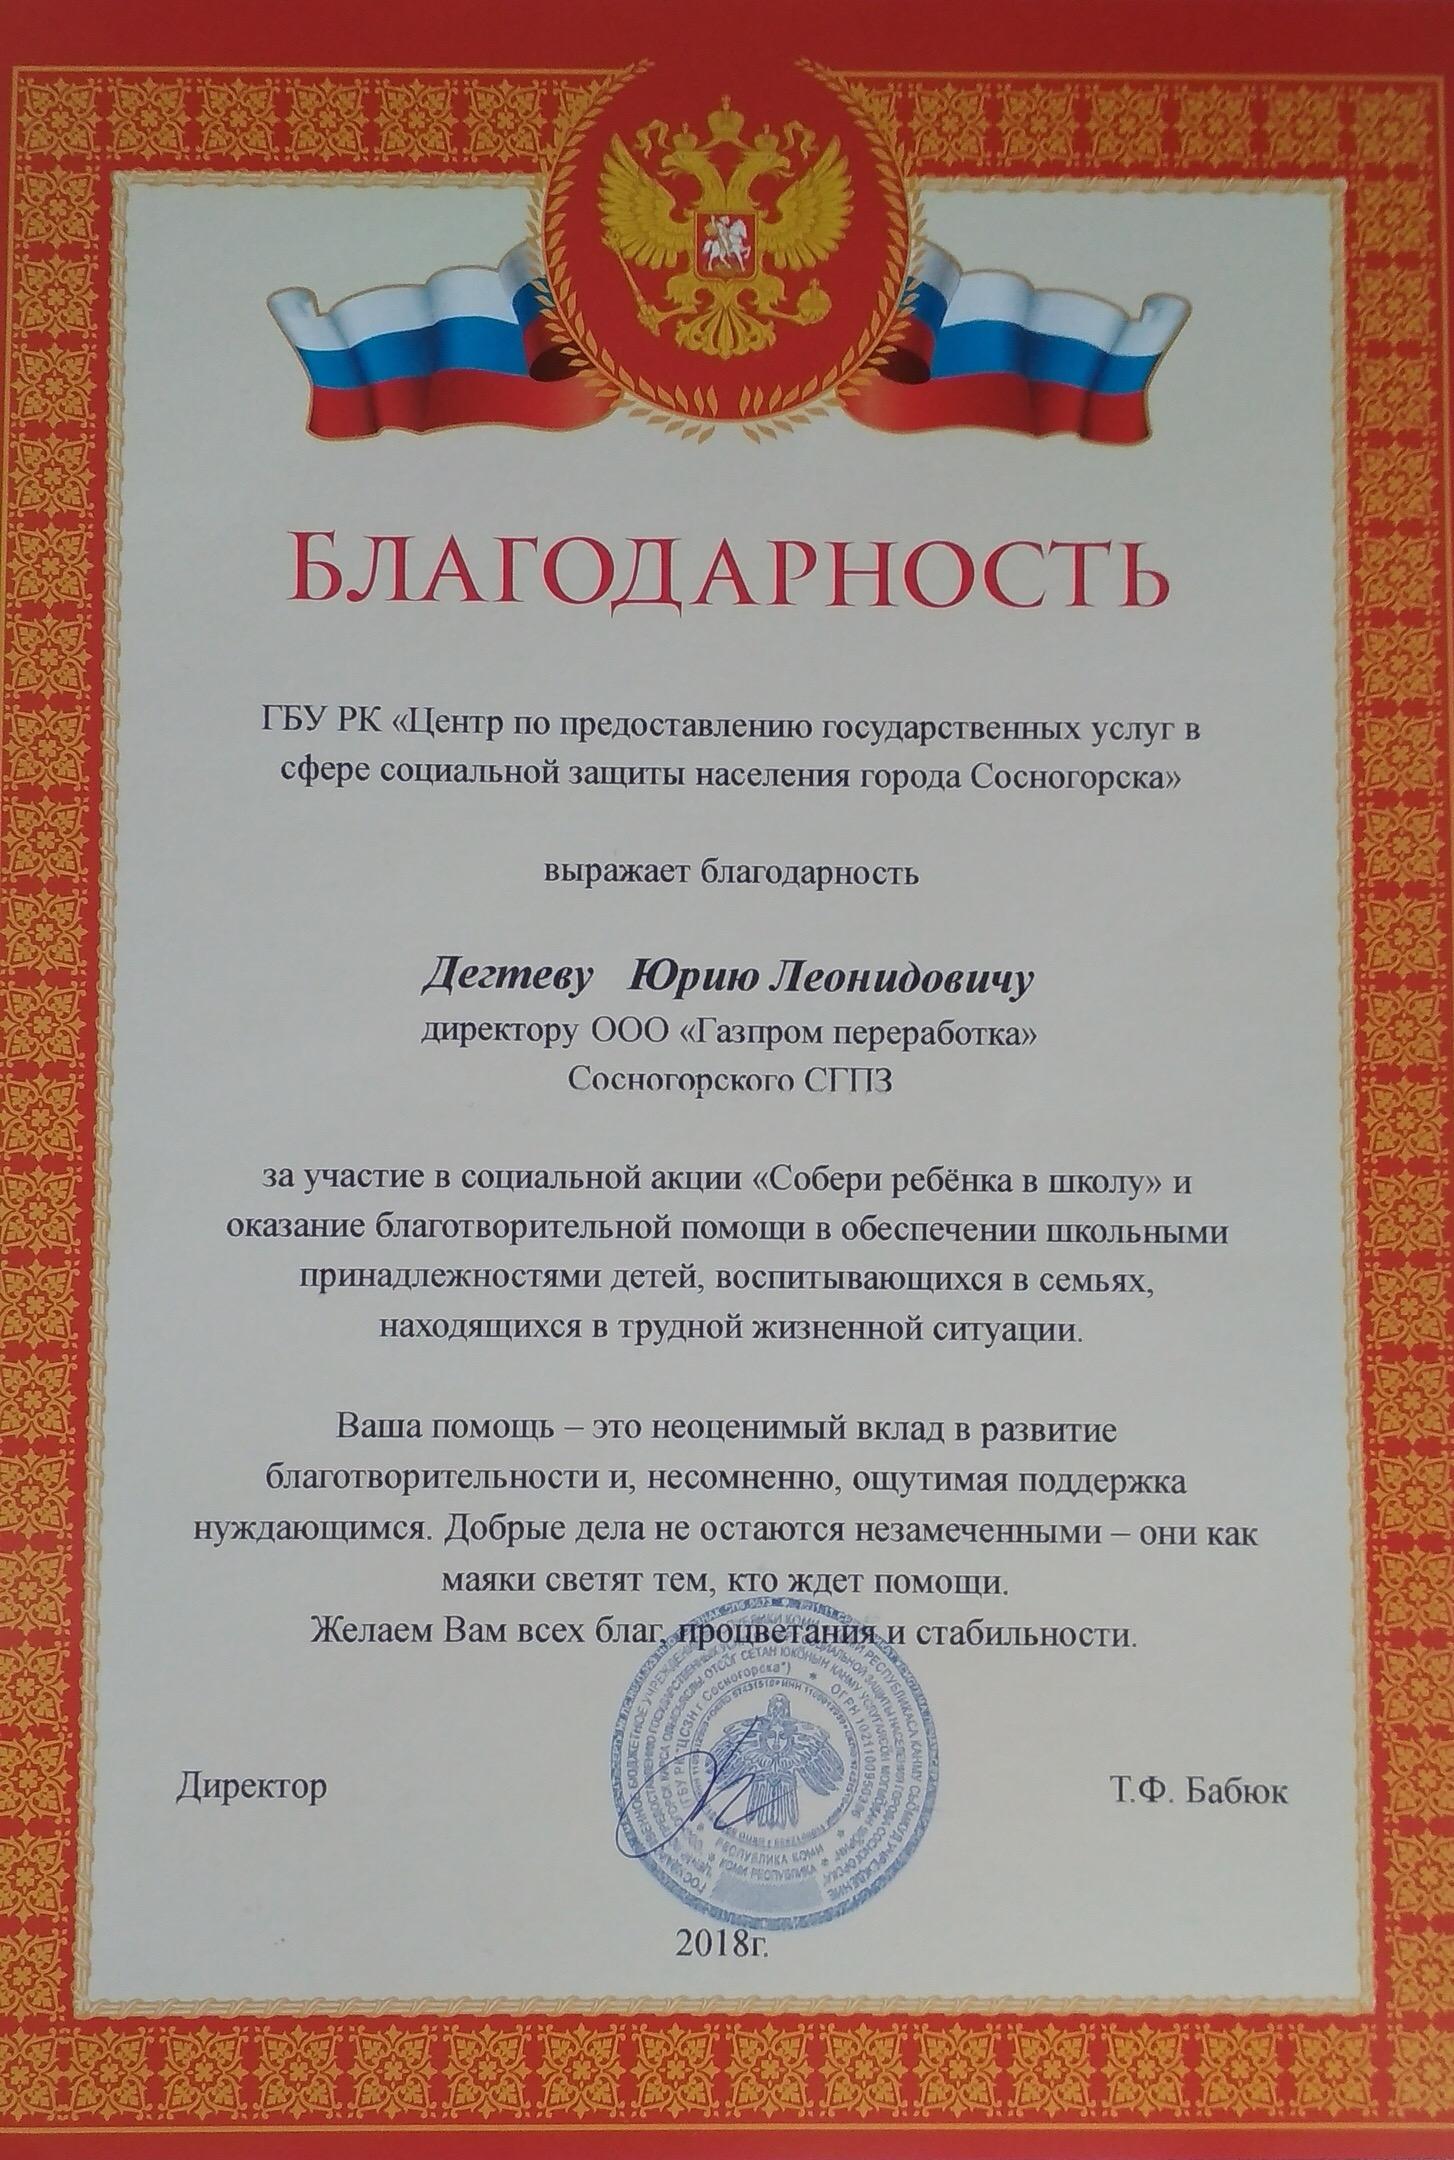 Soberi-rebenka-v-schkolu-4.JPG